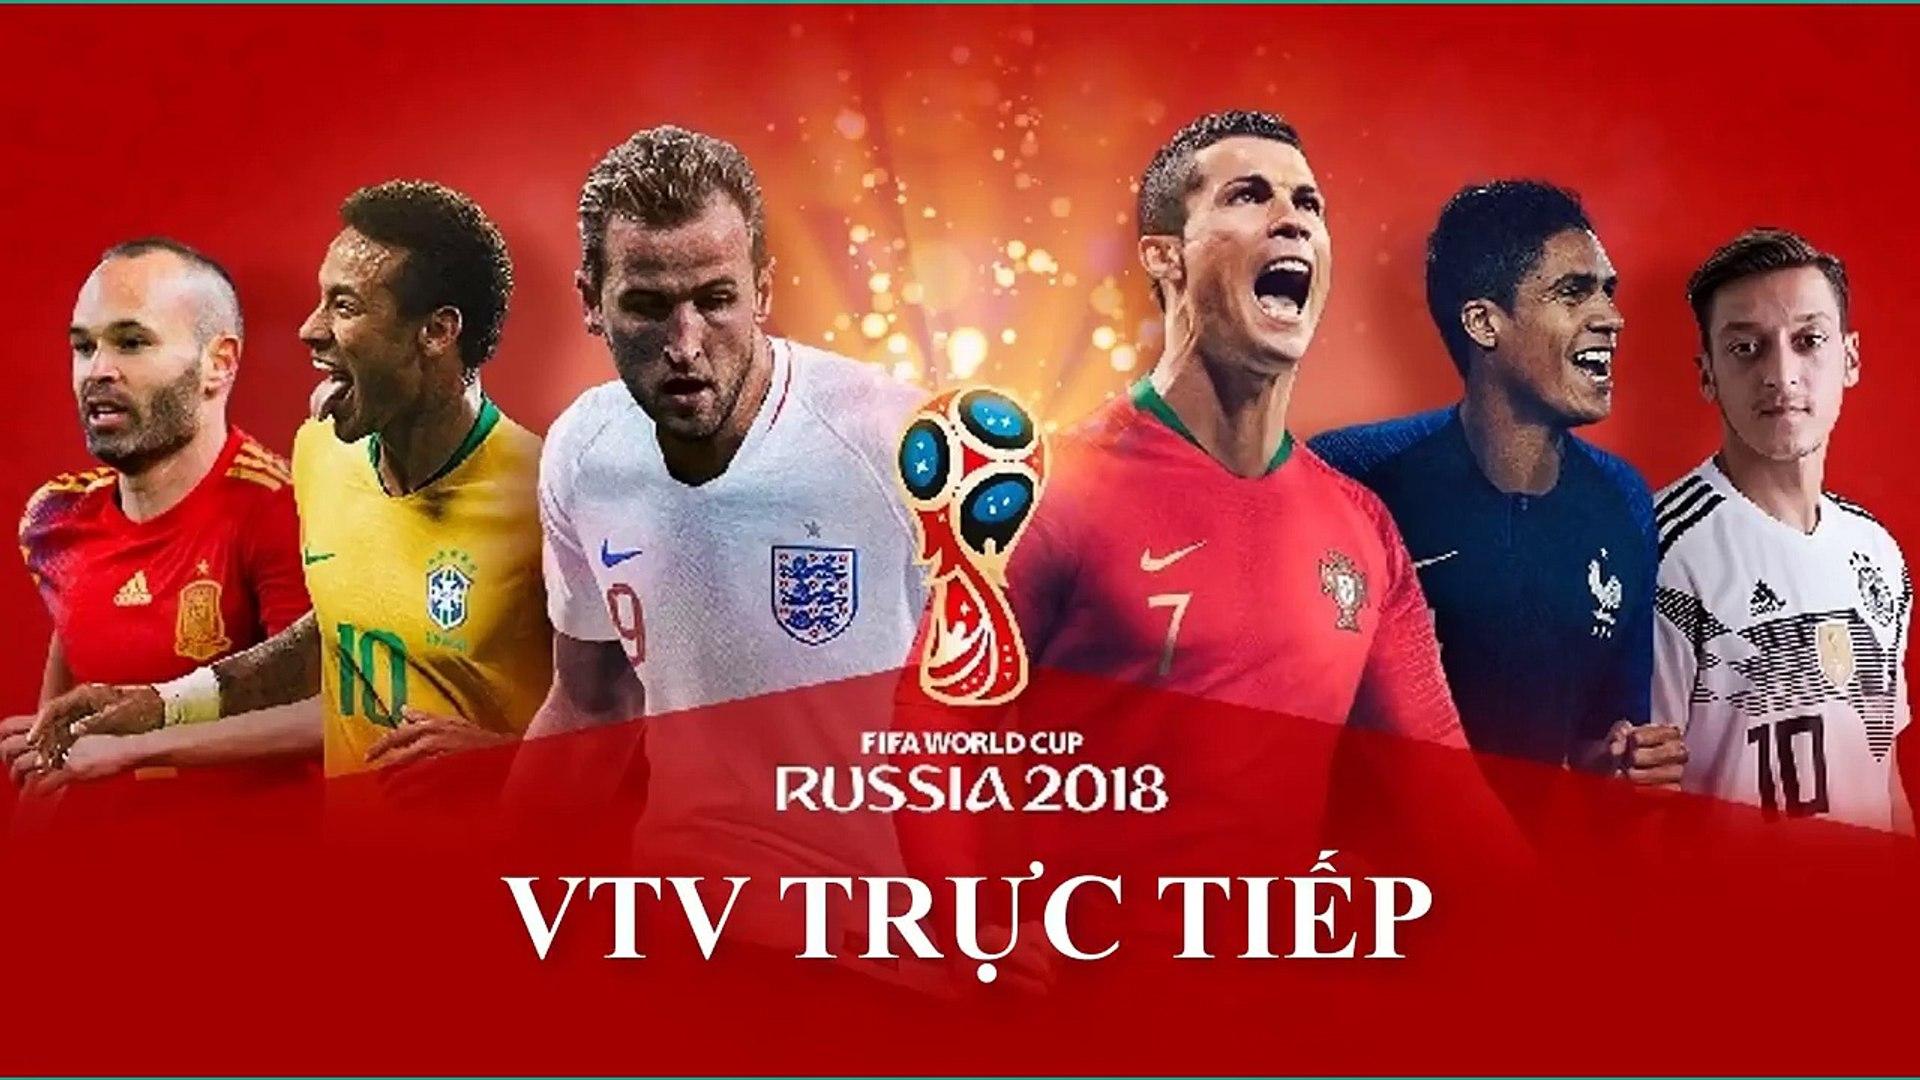 Lịch phát sóng trực tiếp World Cup 2018 trên VTV3, VTV2 và VTV6